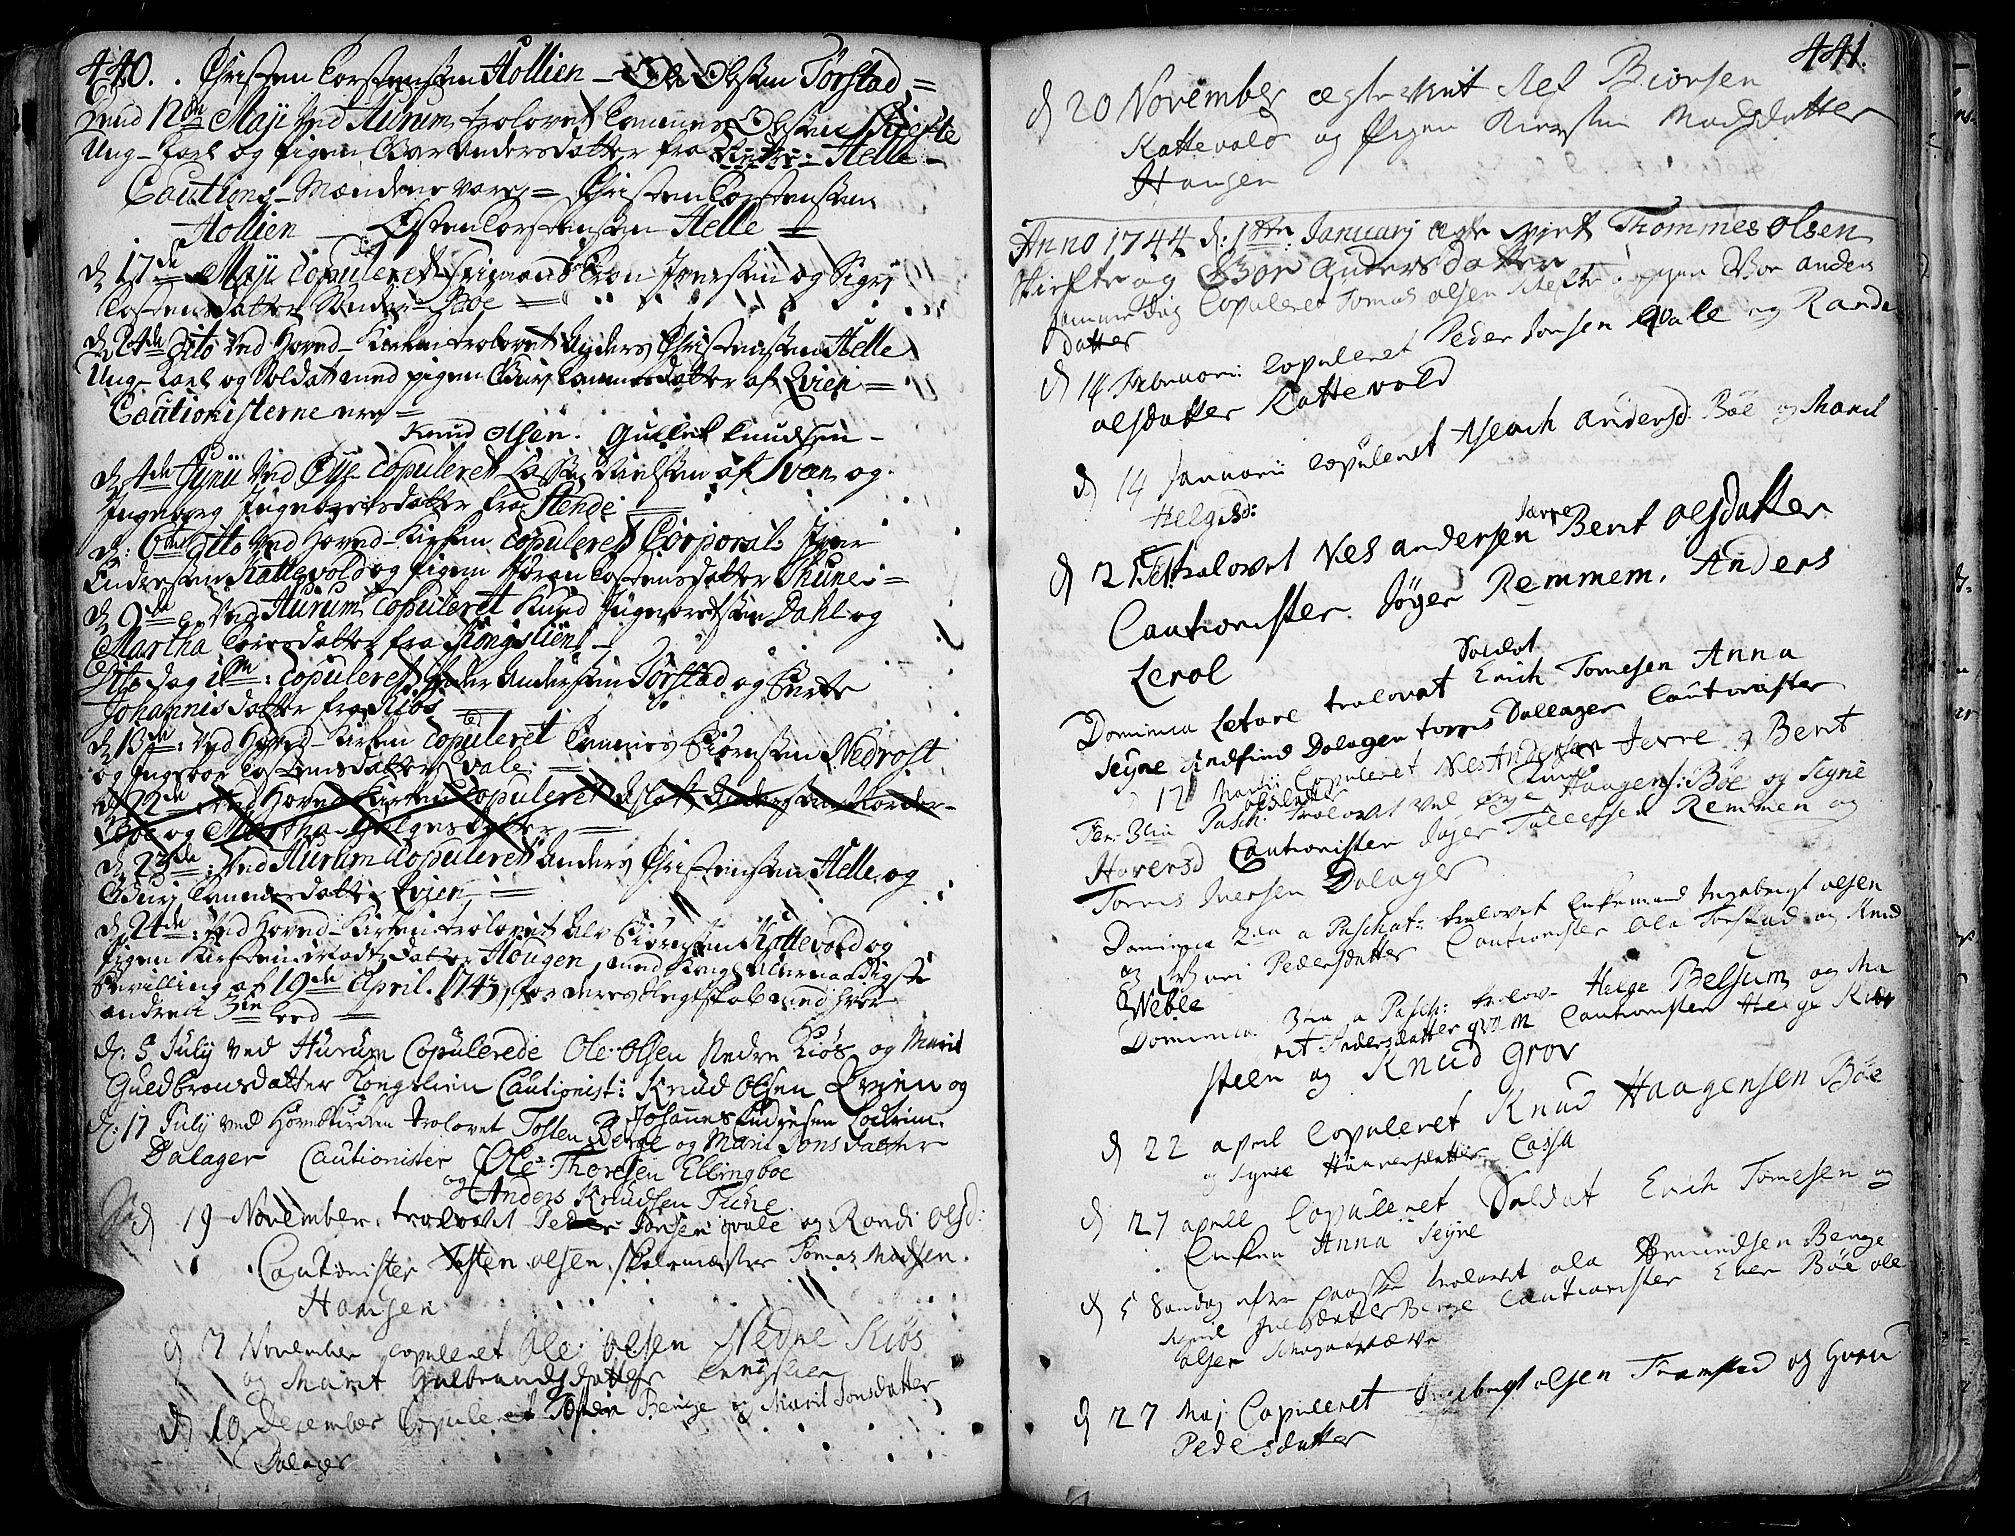 SAH, Vang prestekontor, Valdres, Ministerialbok nr. 1, 1730-1796, s. 440-441